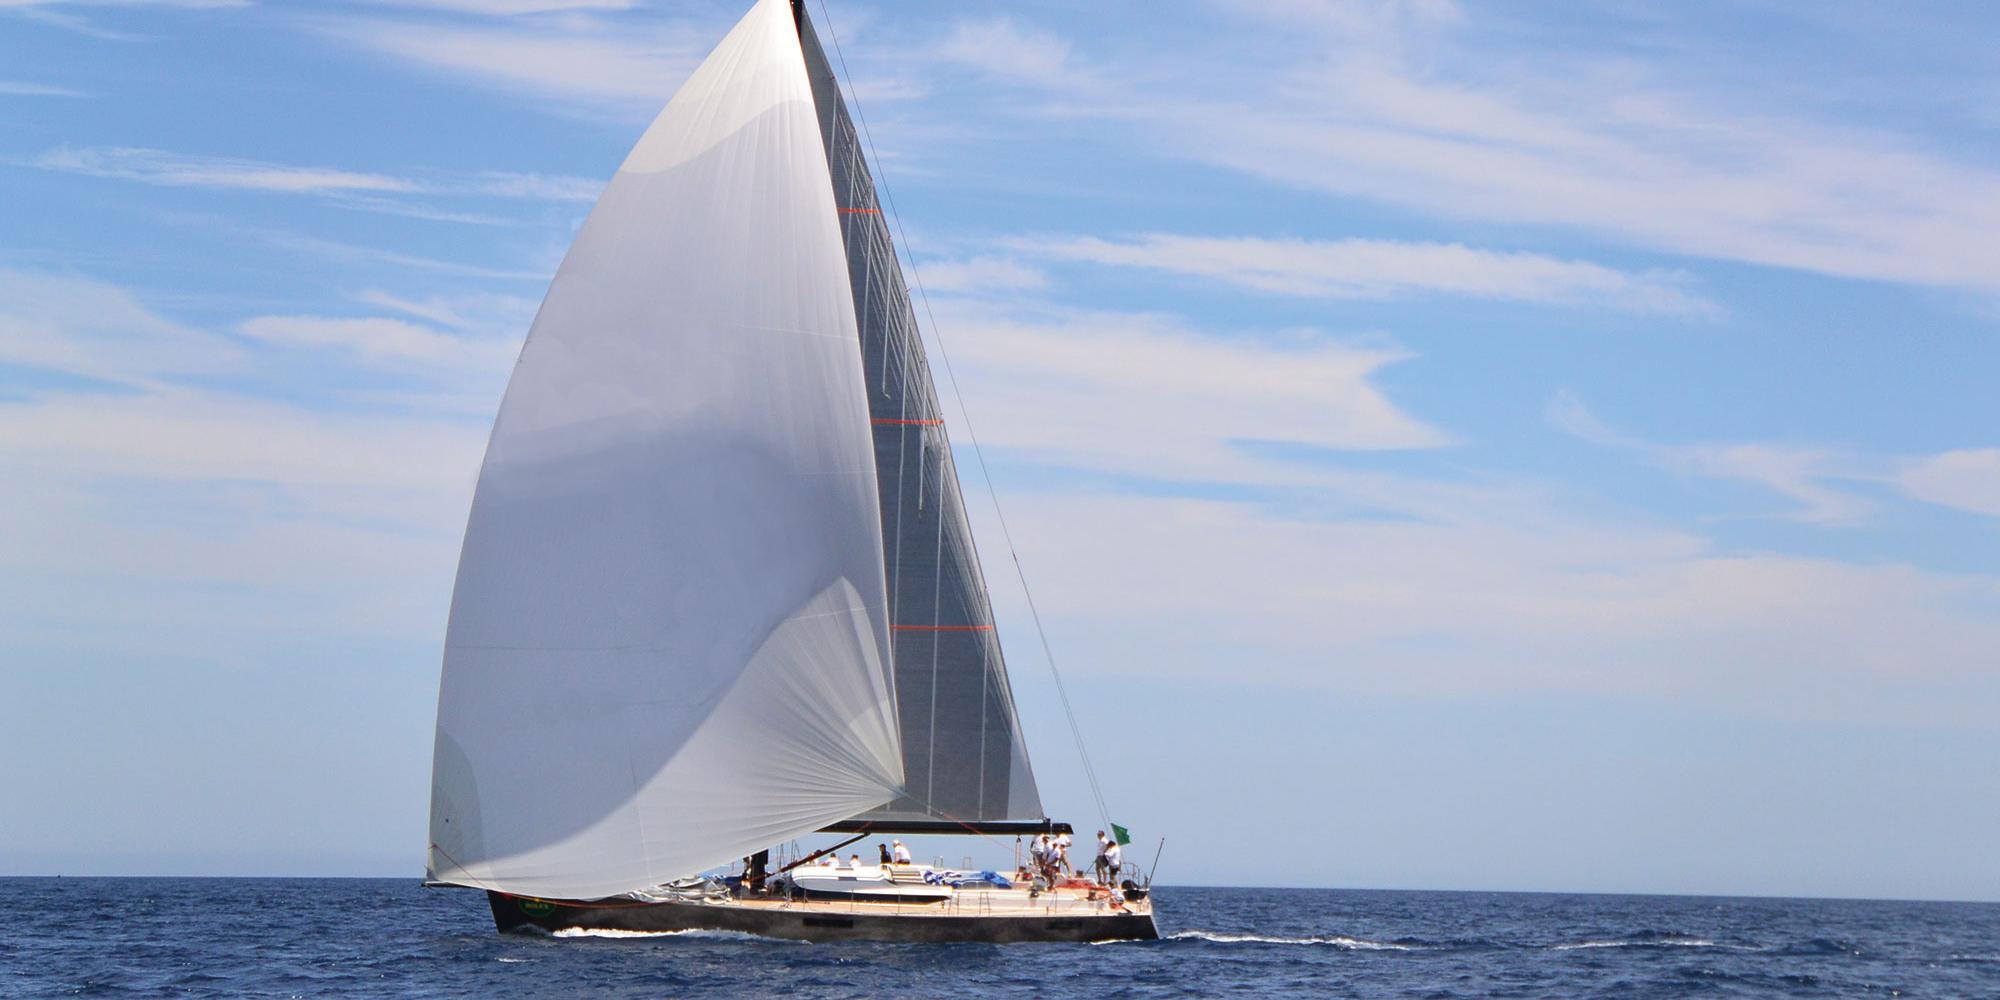 dutch coast yacht aragorn - HD2000×1000